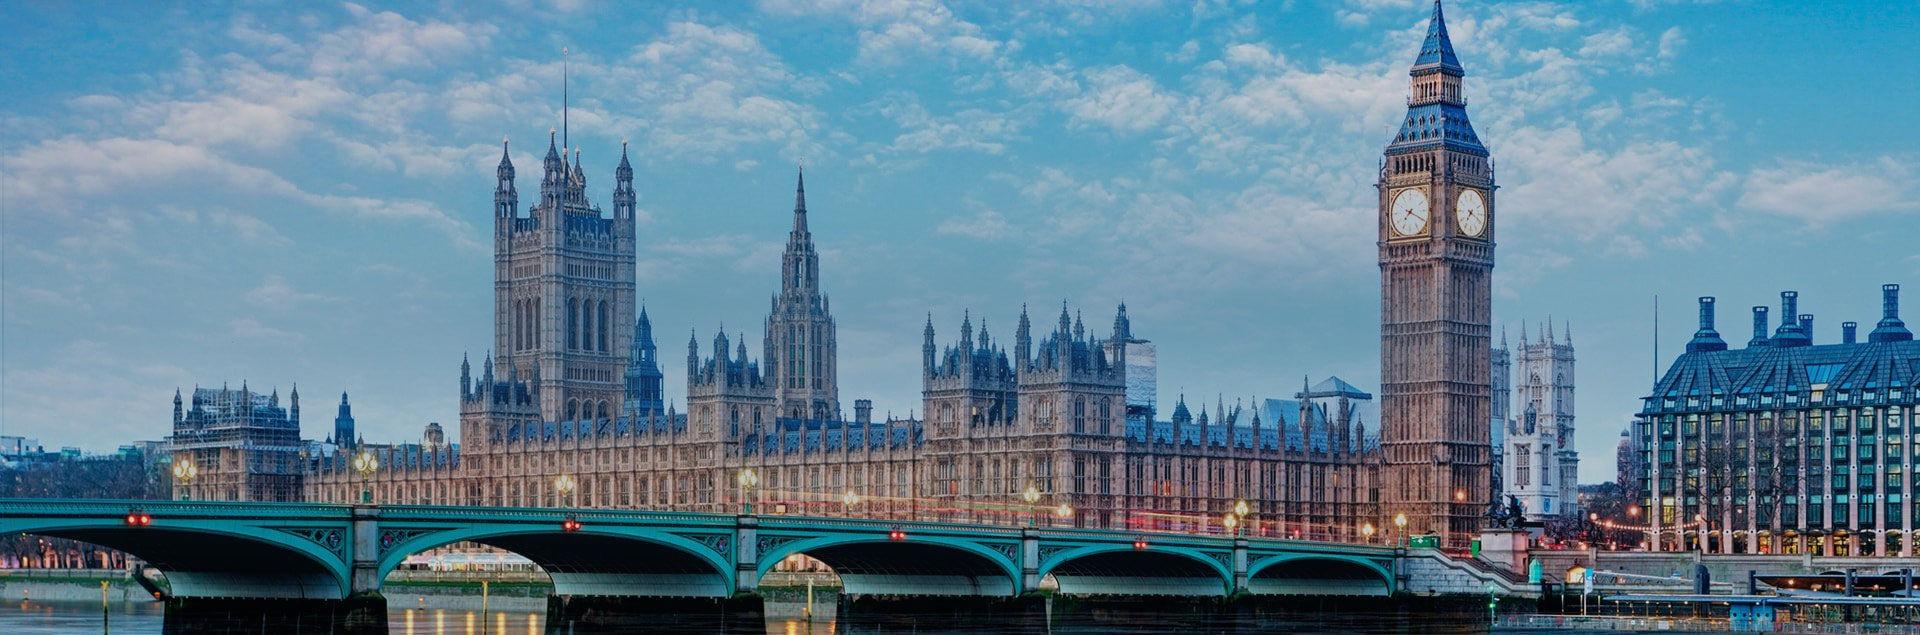 Сколько стоит билет самолетом до лондона из киева билеты в крым на самолете из москвы аэрофлот дешево